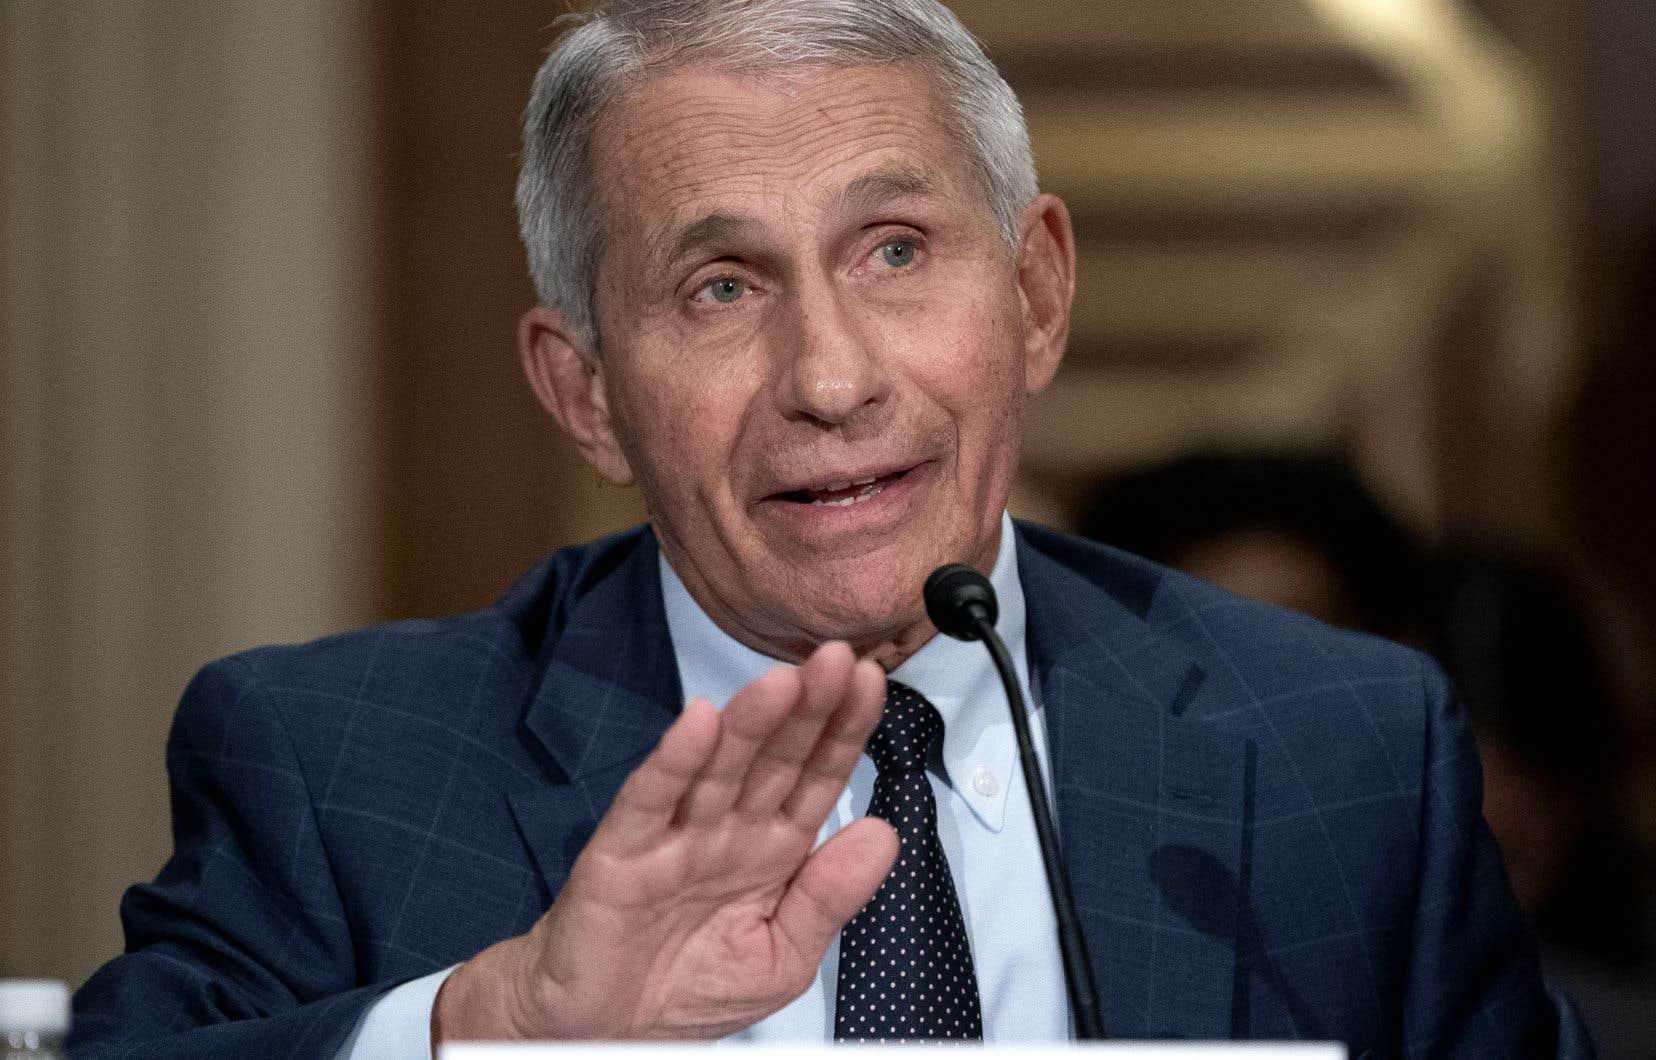 Le conseiller de la Maison-Blanche sur la crise sanitaire, Anthony Fauci